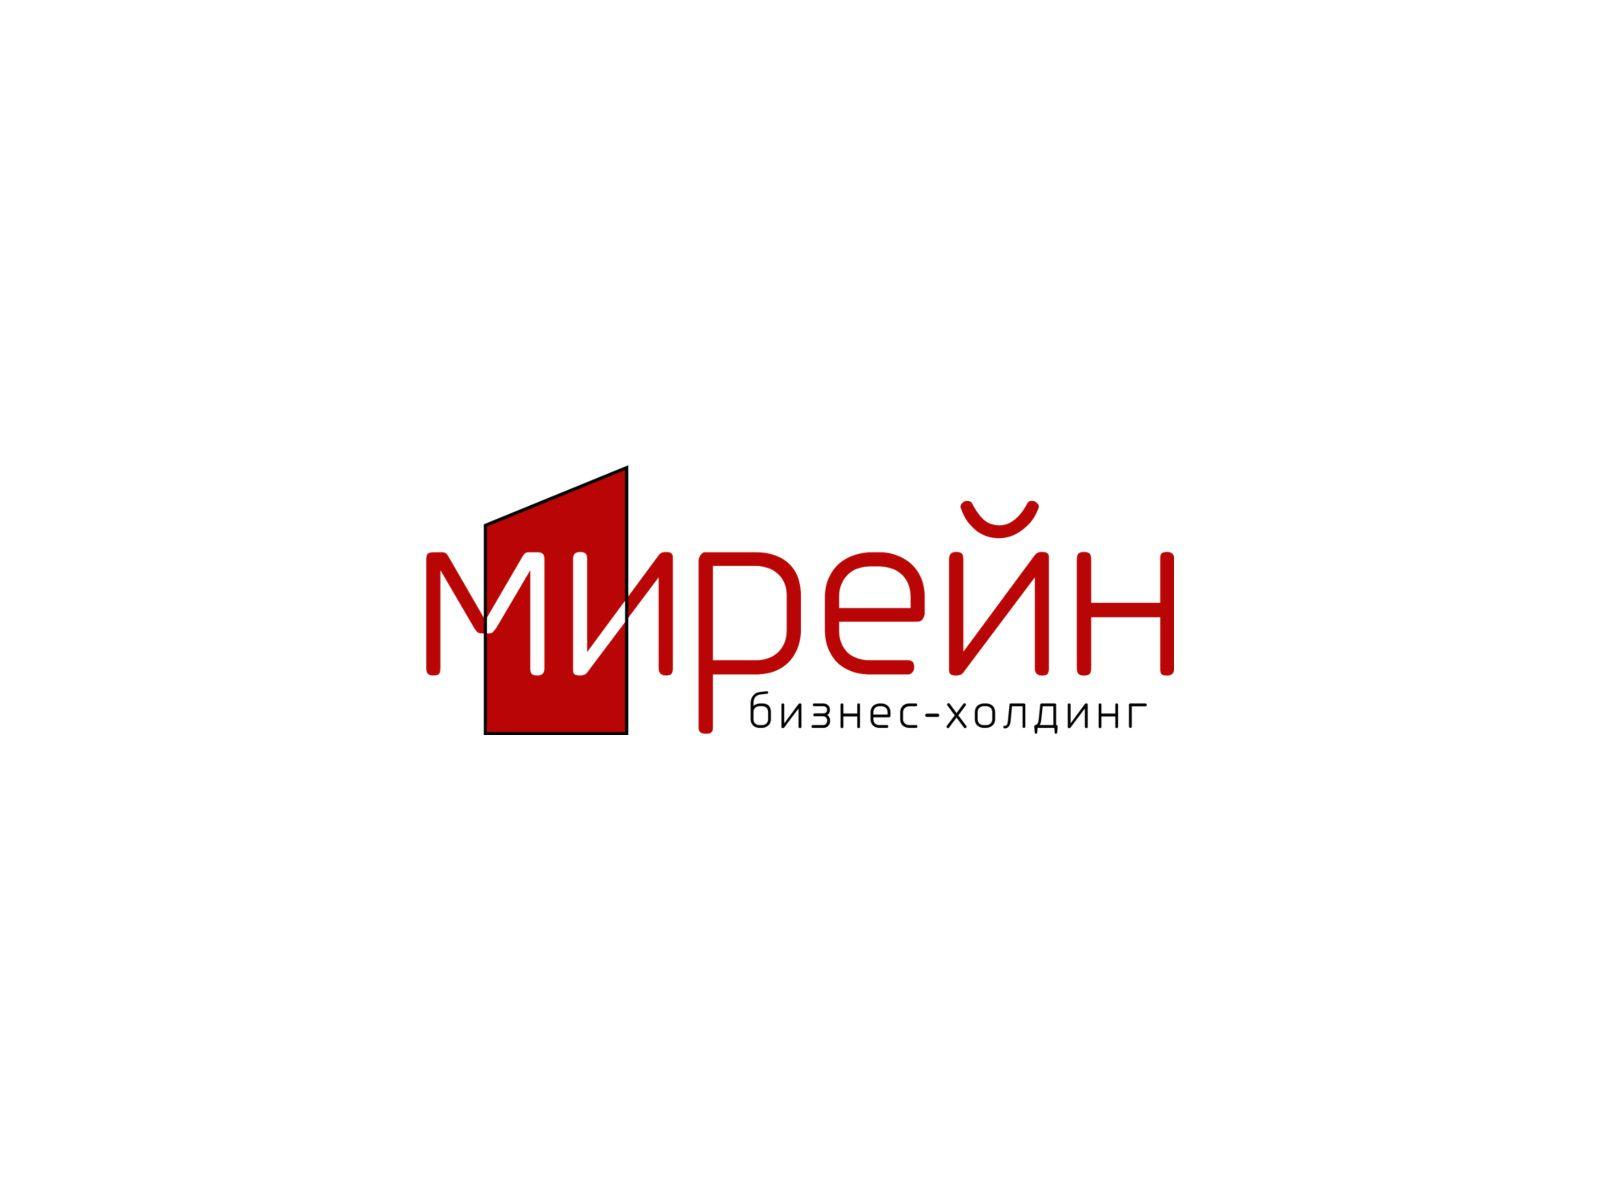 Логотип для группы компаний Мирейн - дизайнер sergius1000000